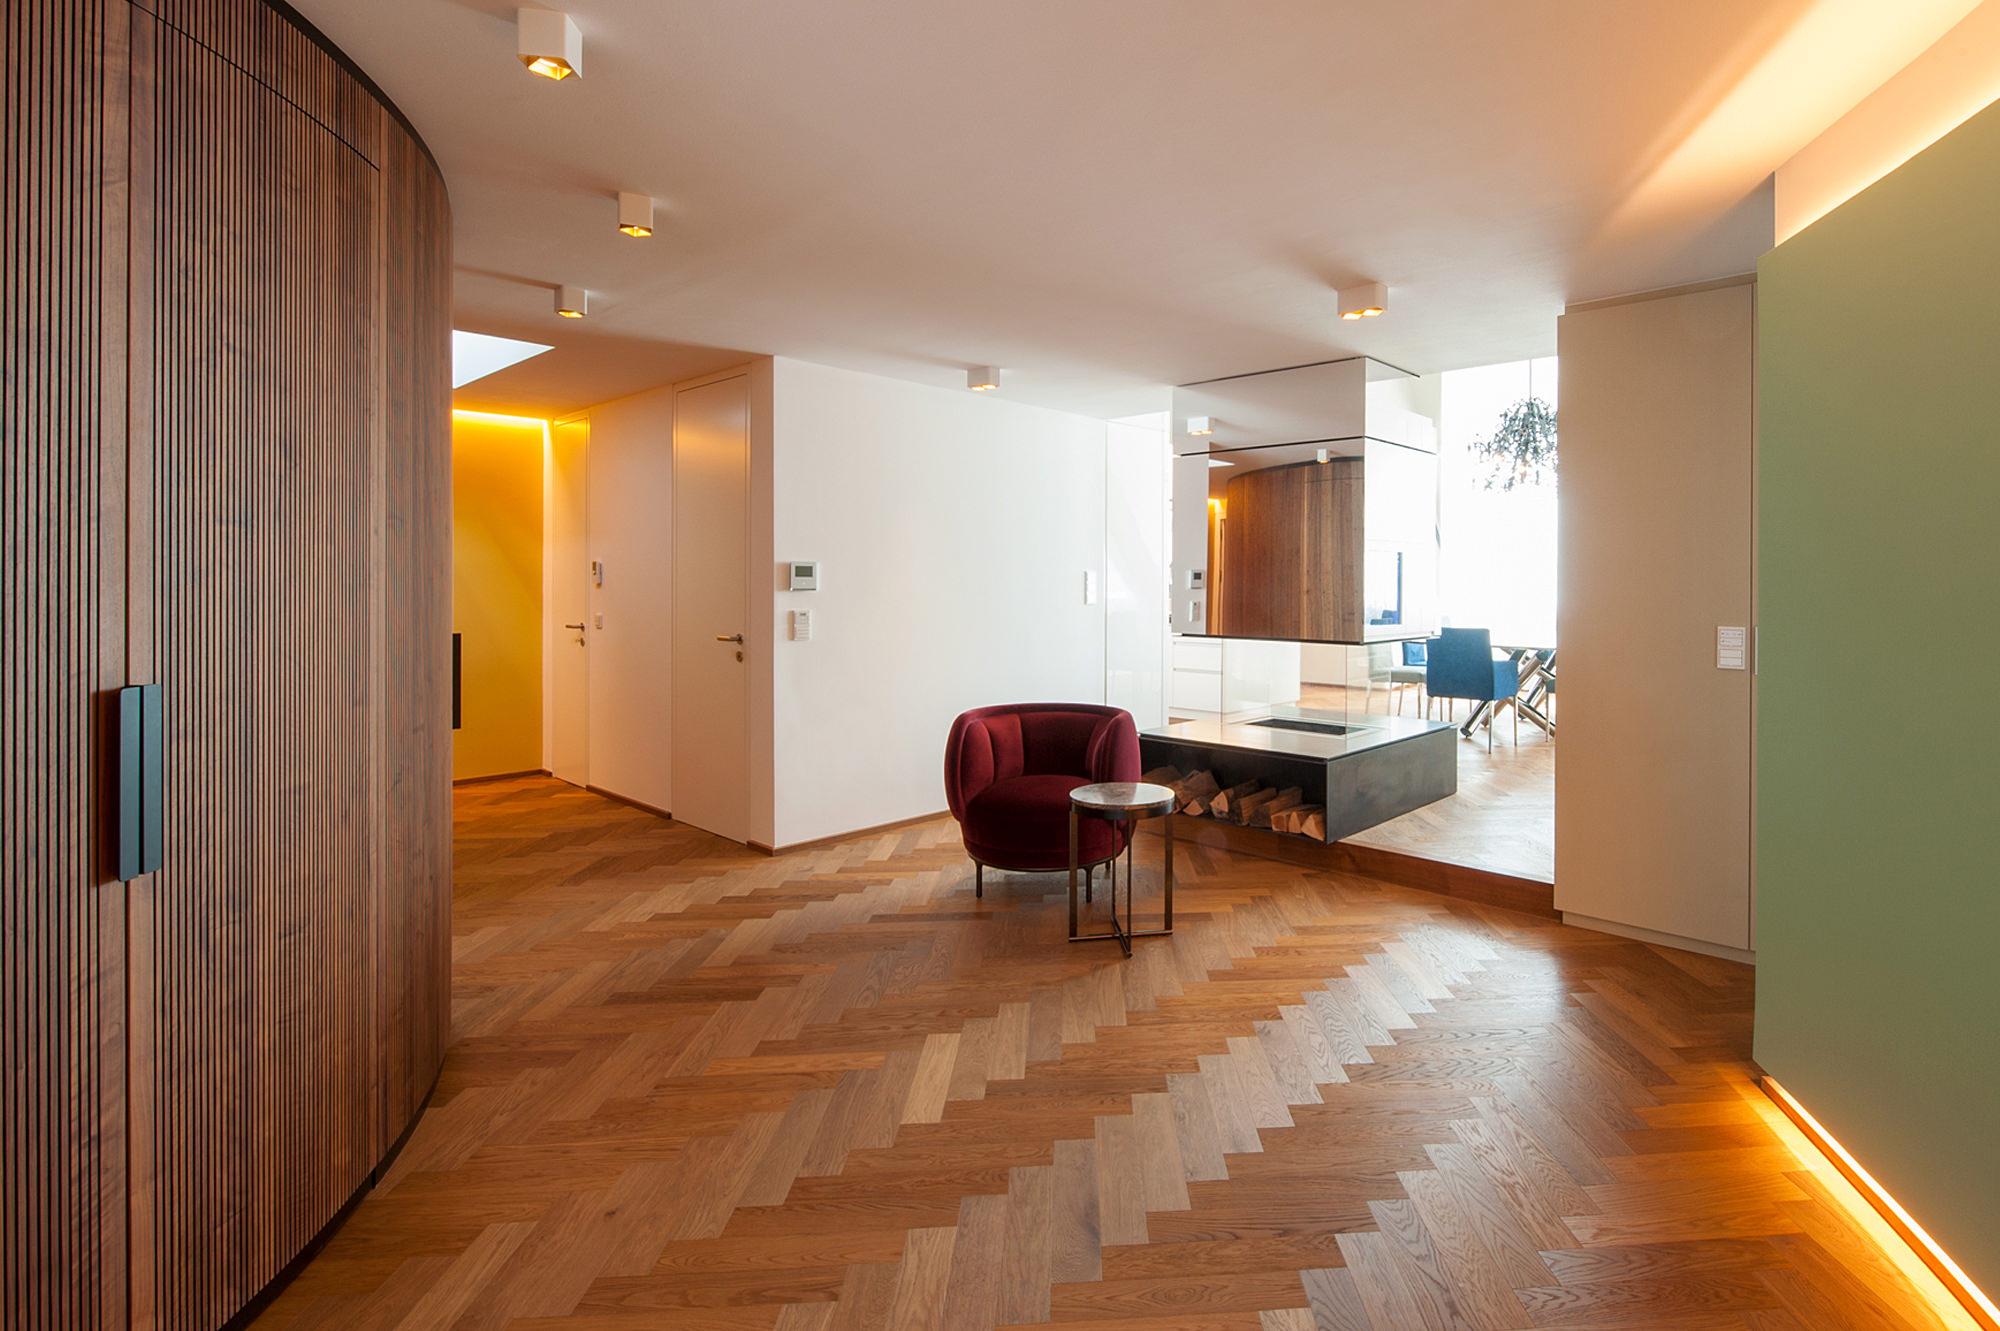 penthouse_b_03_dachausbau_mit_terrasse_1070_wien_junger_beer_architektur